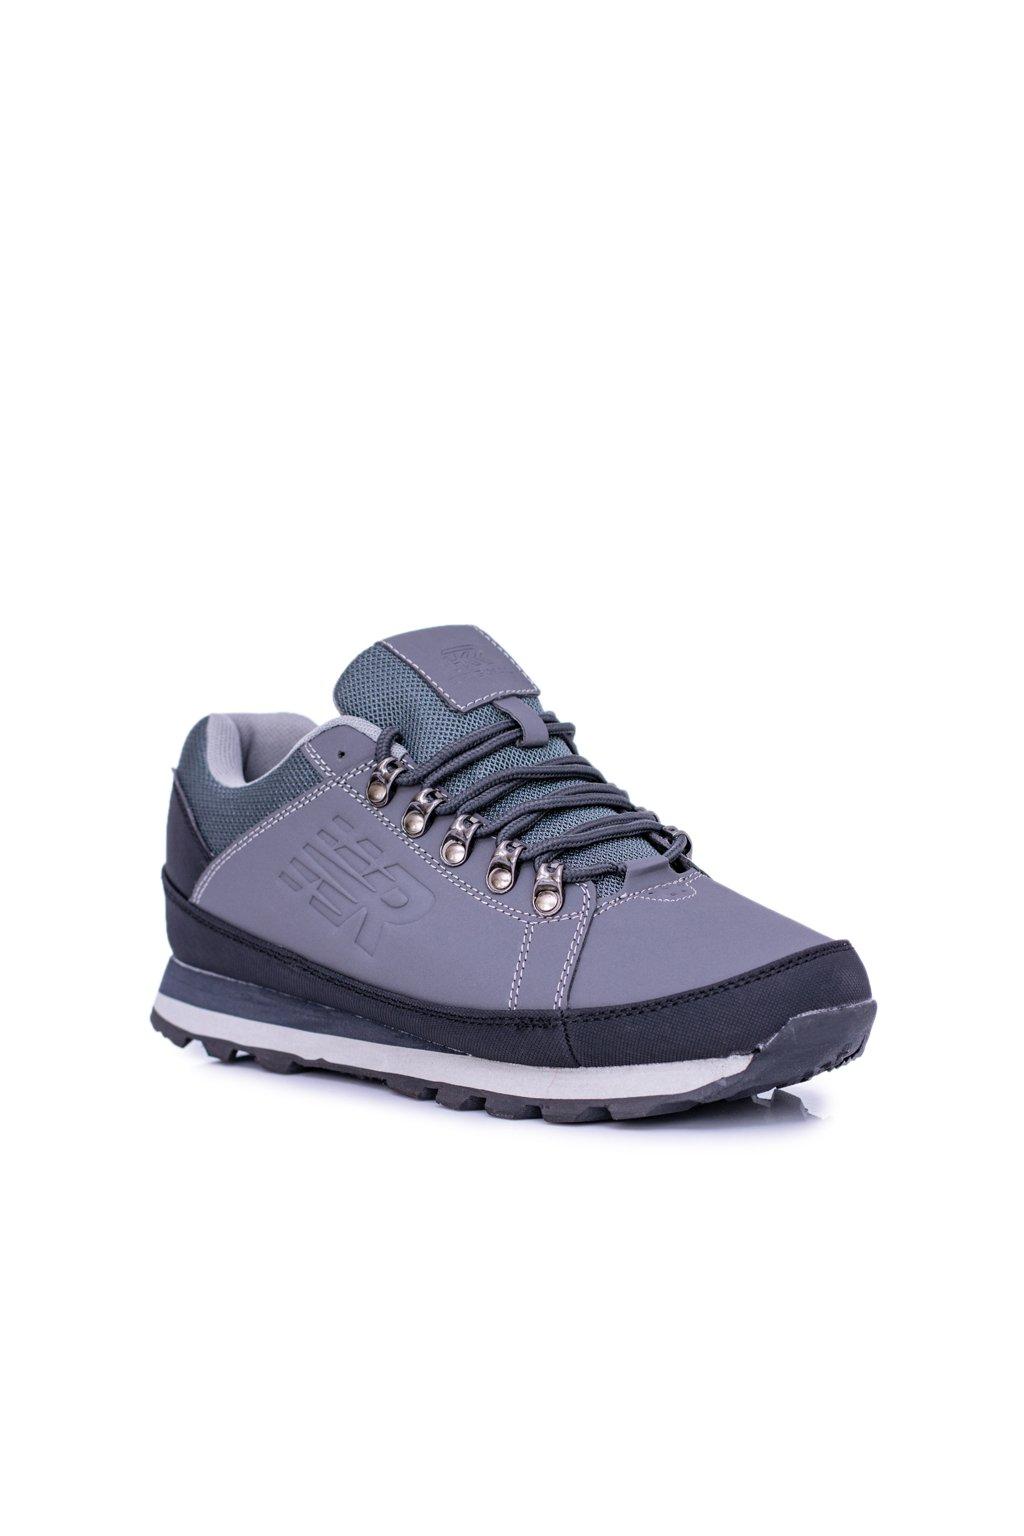 Pánska treková obuv sivá Newlans